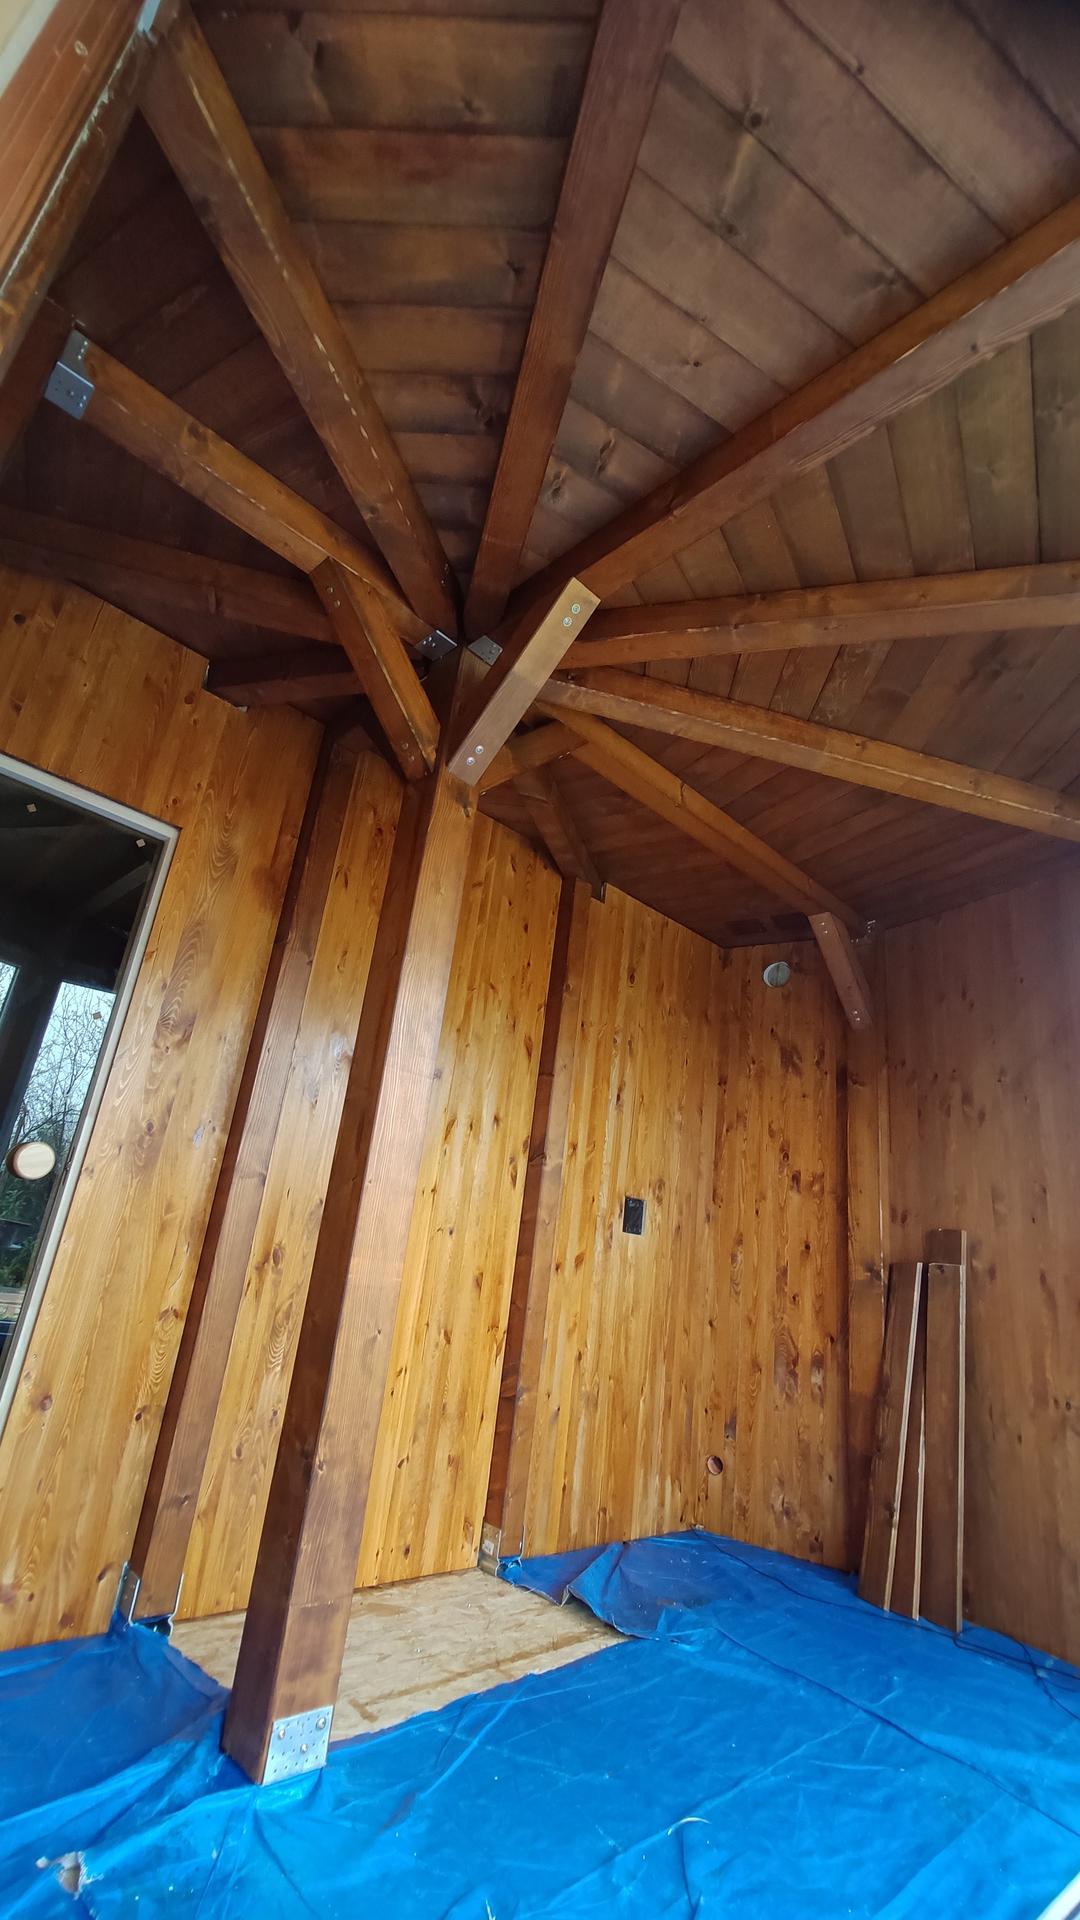 Relaxačný domček sauna a oddychová miestnosť ... plány, príprava a realizácia - Obrázok č. 99